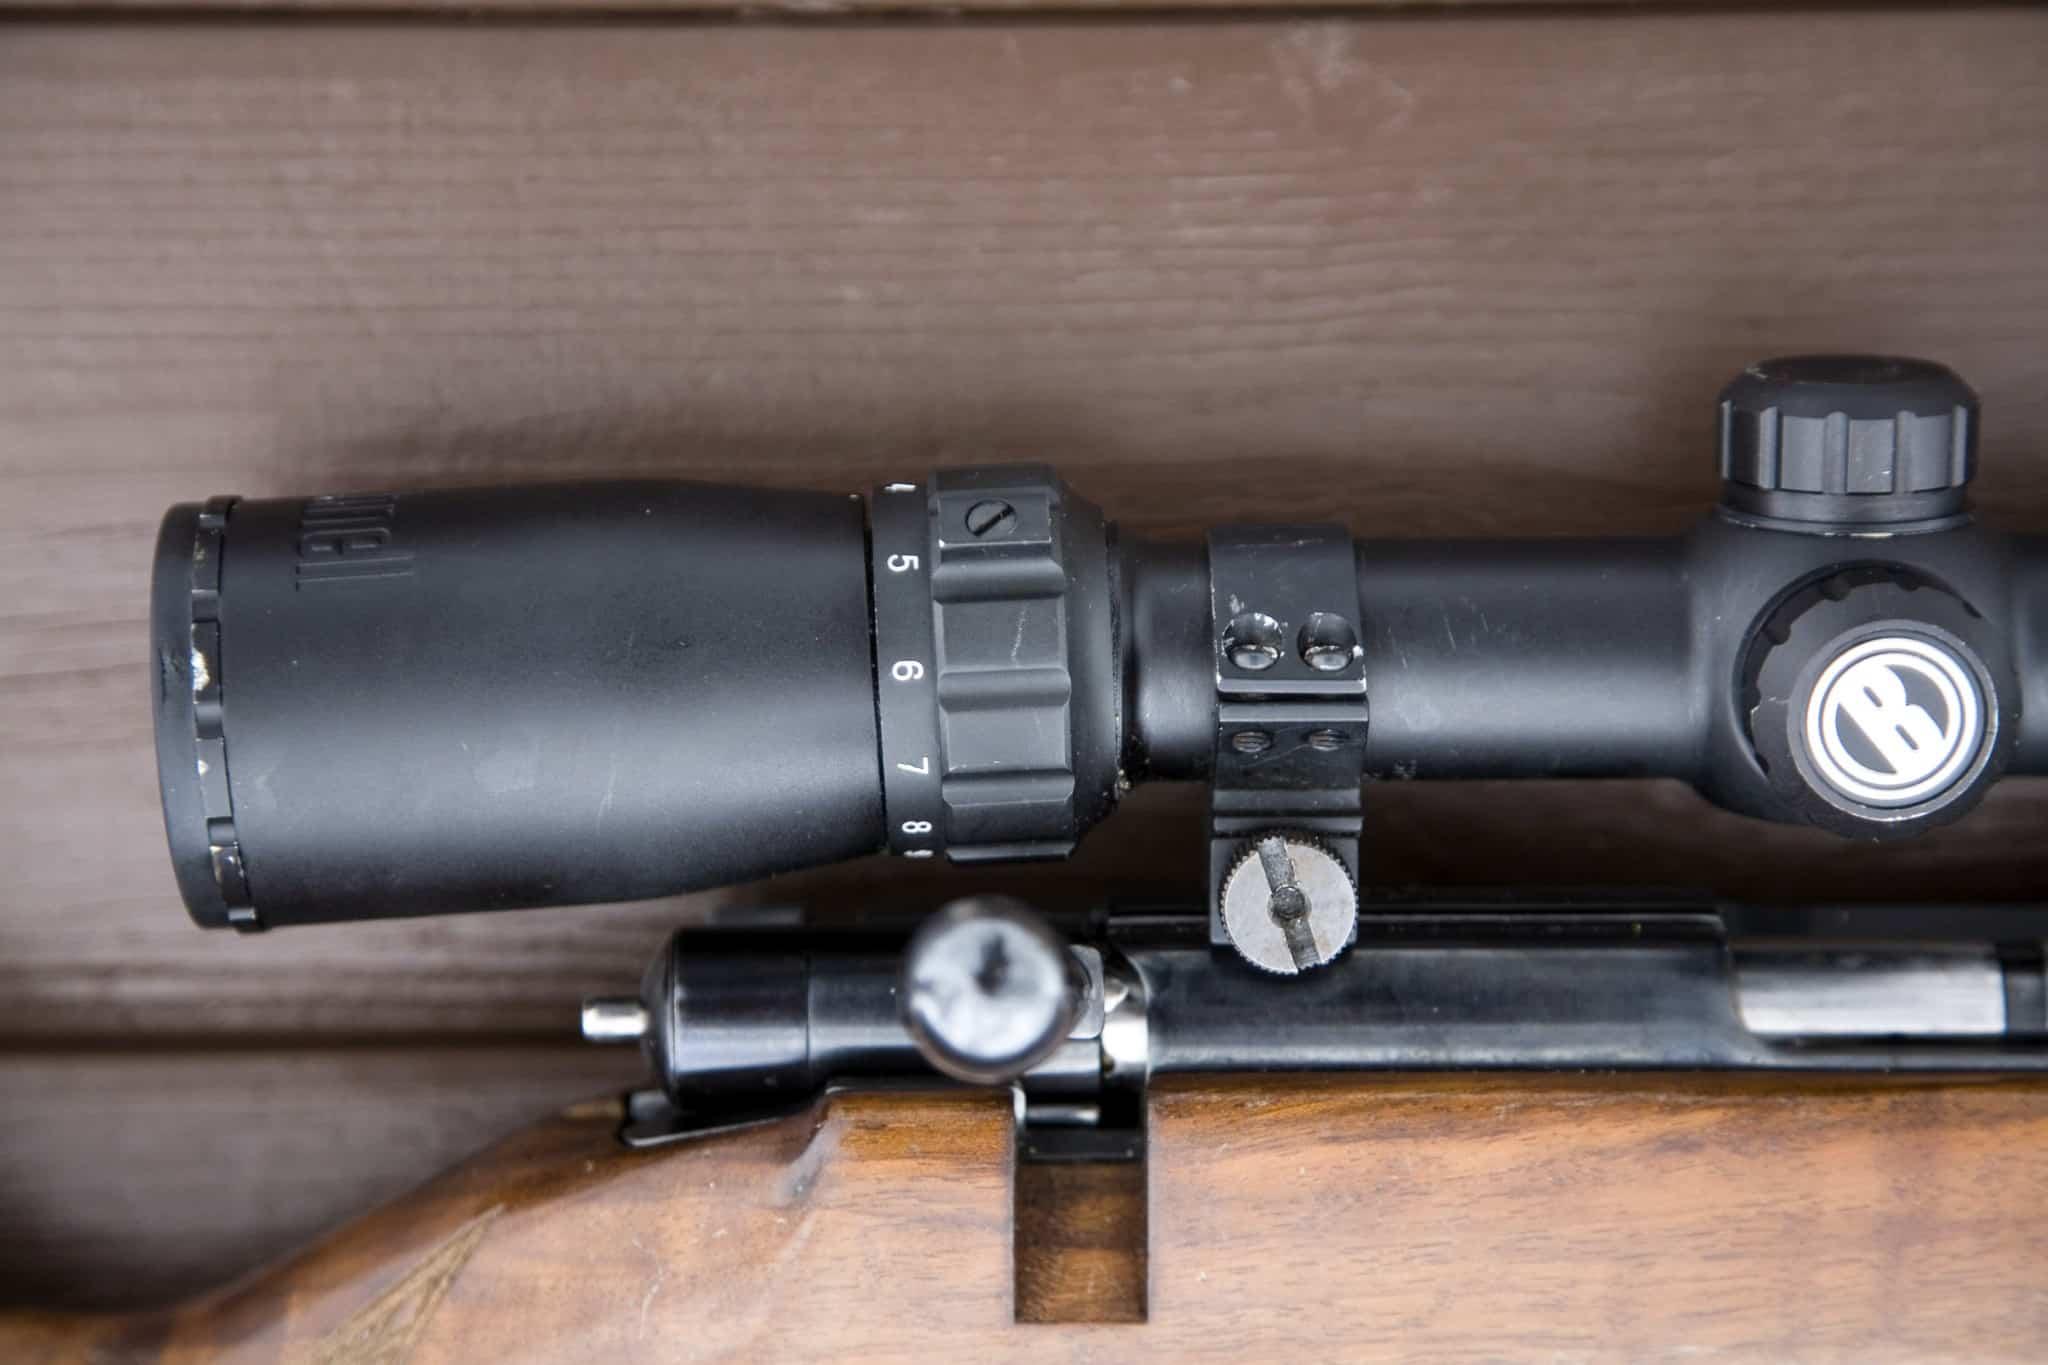 Kommer precisionsproblemen efter att vapnet fått en smäll är risken stor att kikarsikte eller fäste skadats. Då kan felsökningen ta sin början där.